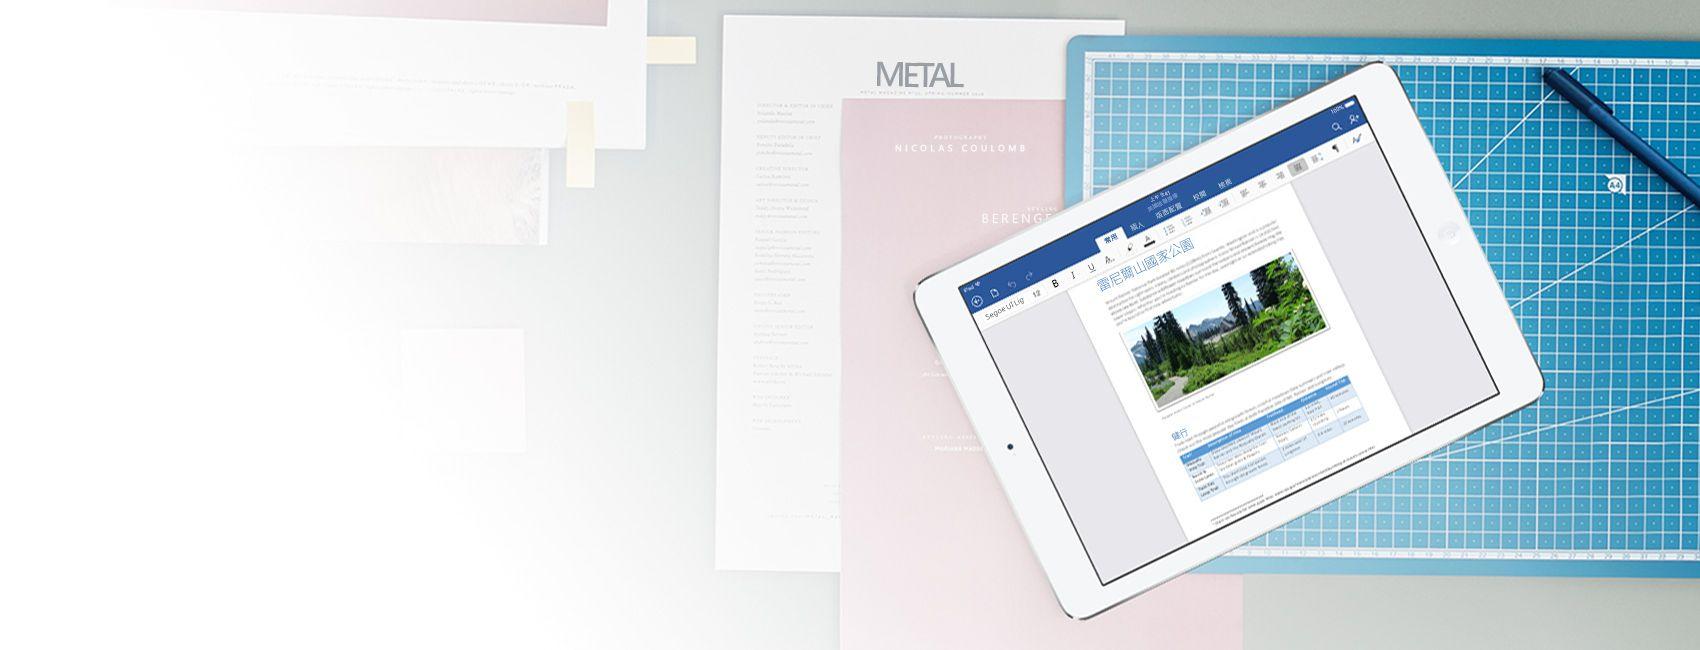 顯示已在 iOS 版 Word App 中開啟有關雷尼爾山國家公園之 Word 文件的 iPad